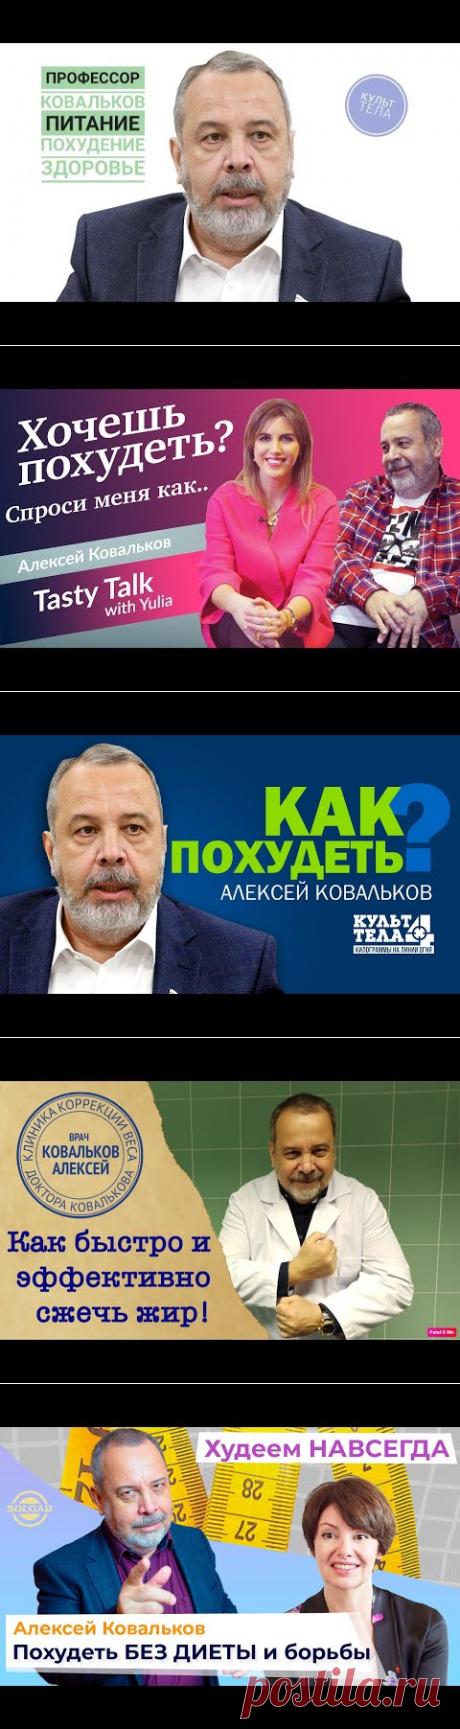 «Есть или не есть», Алексей Ковальков отвечает на вопросы слушателей - YouTube